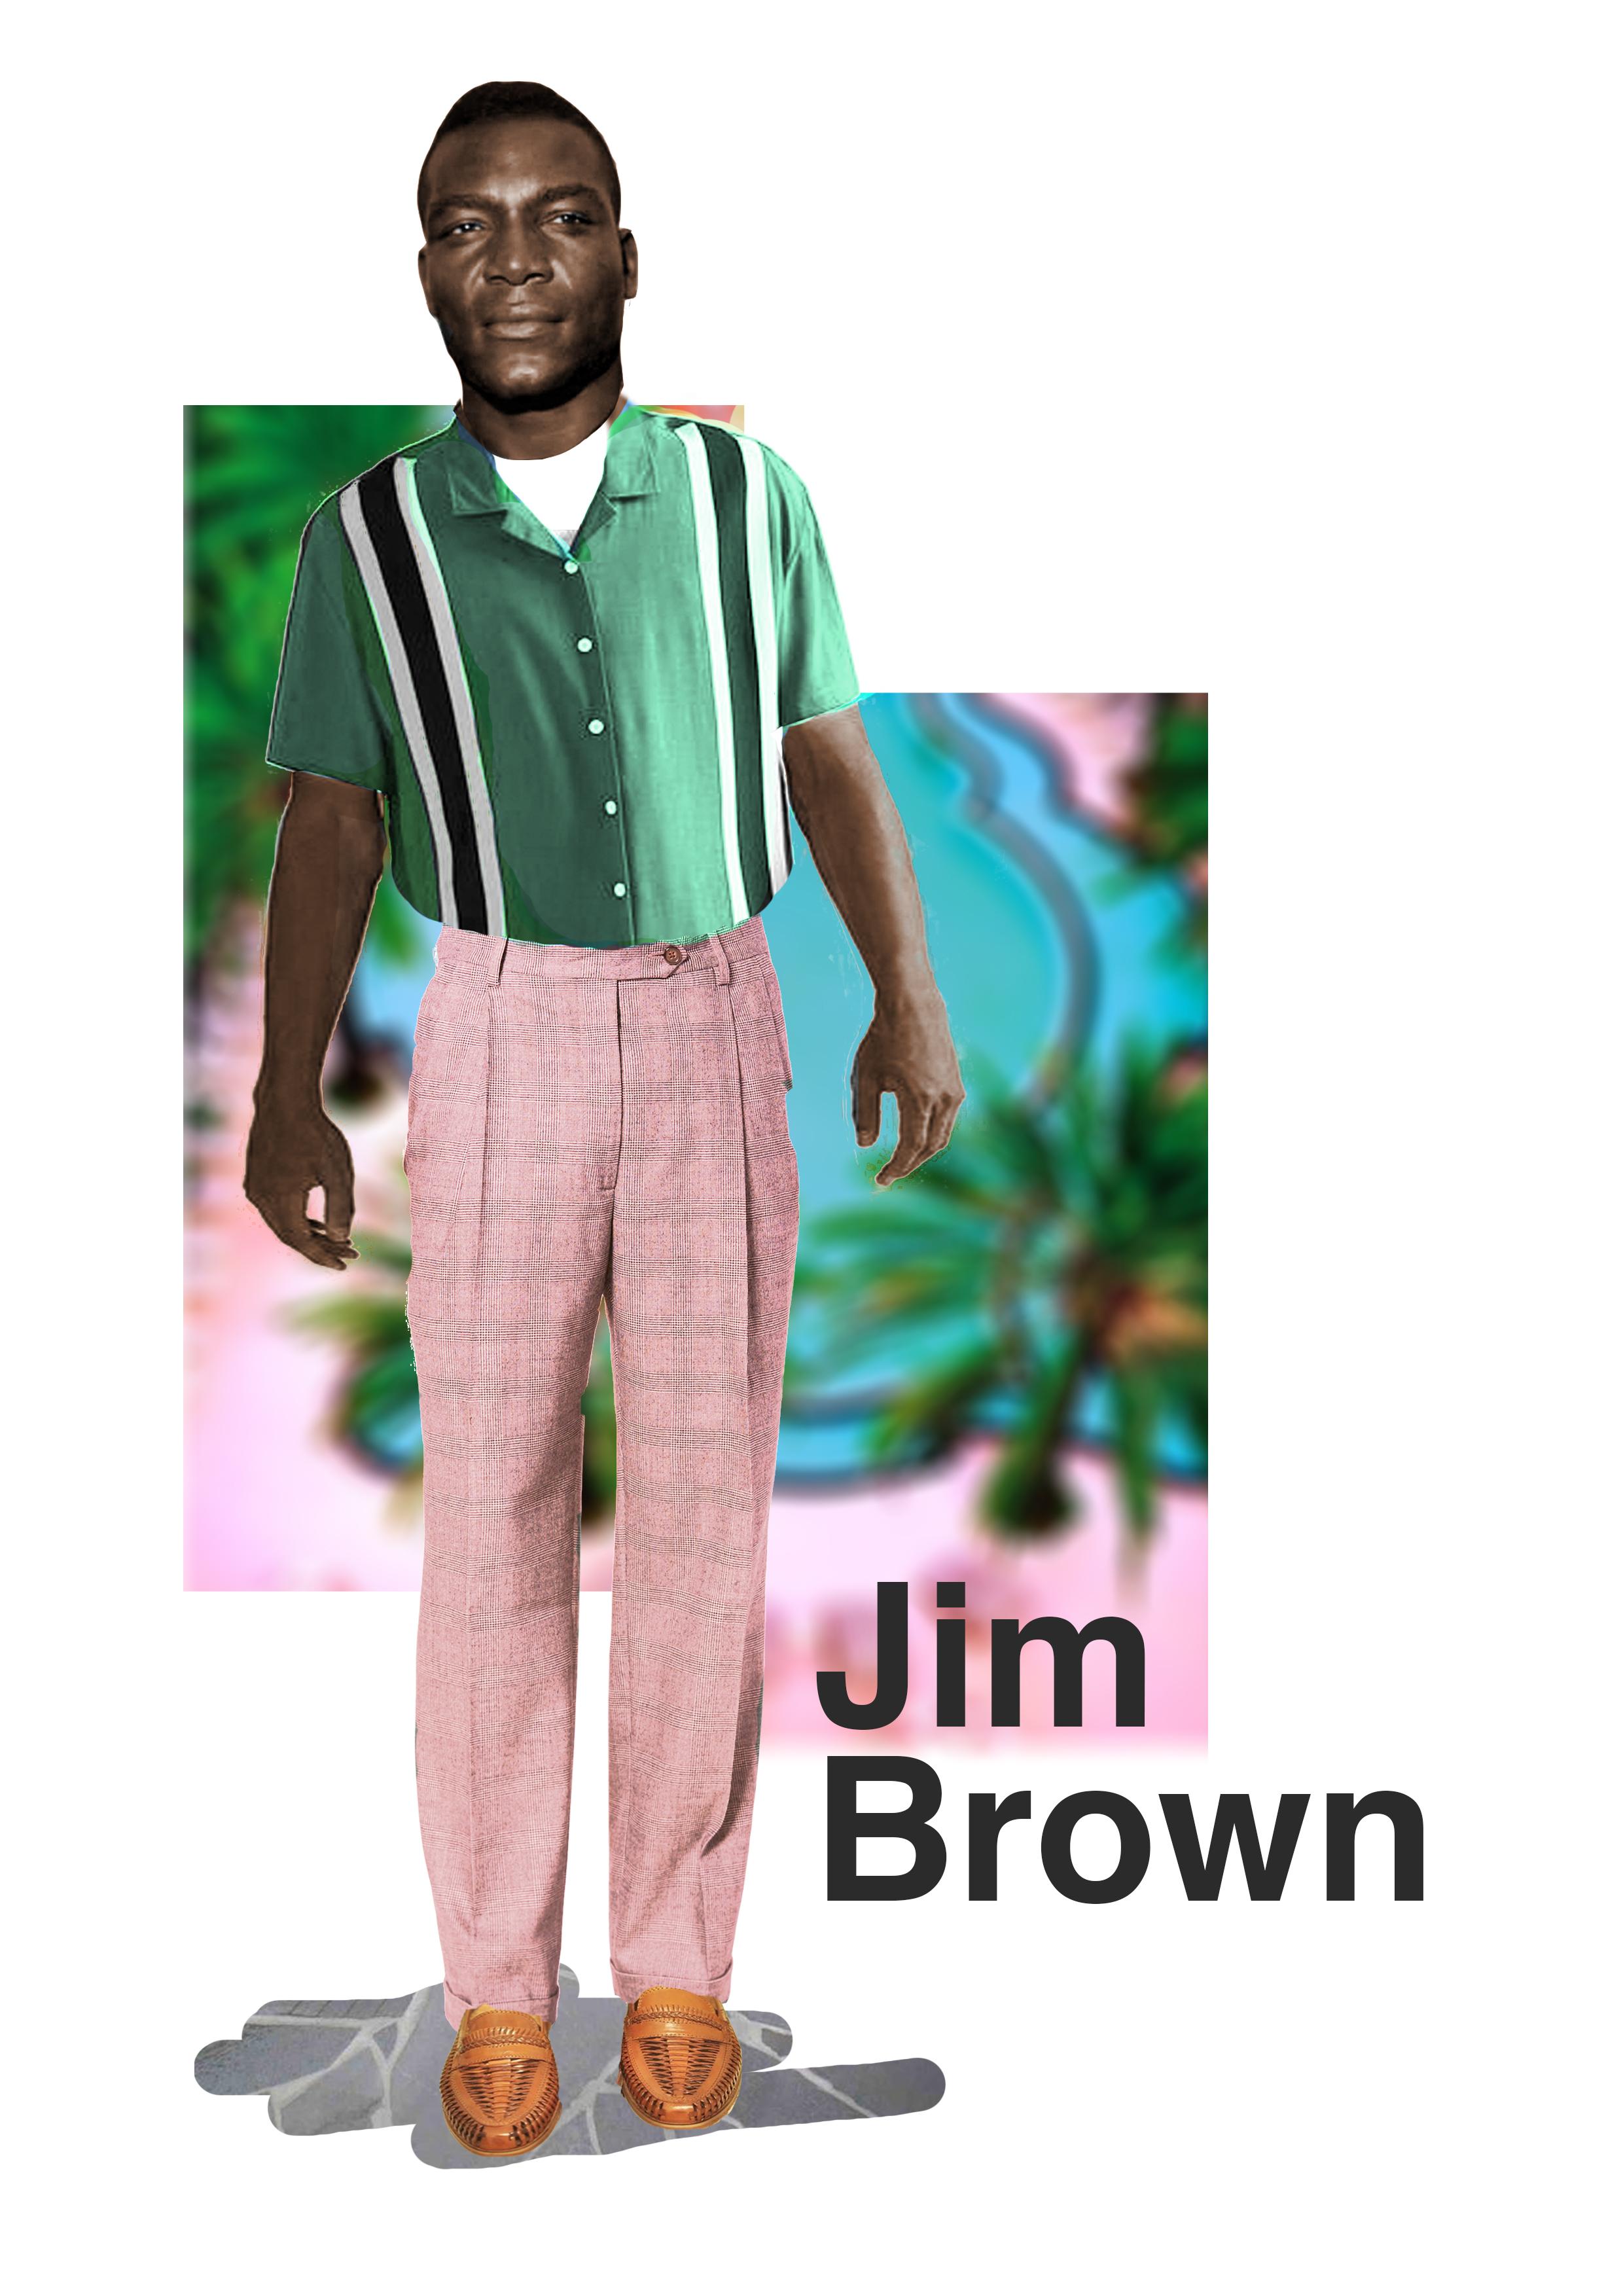 Jim B